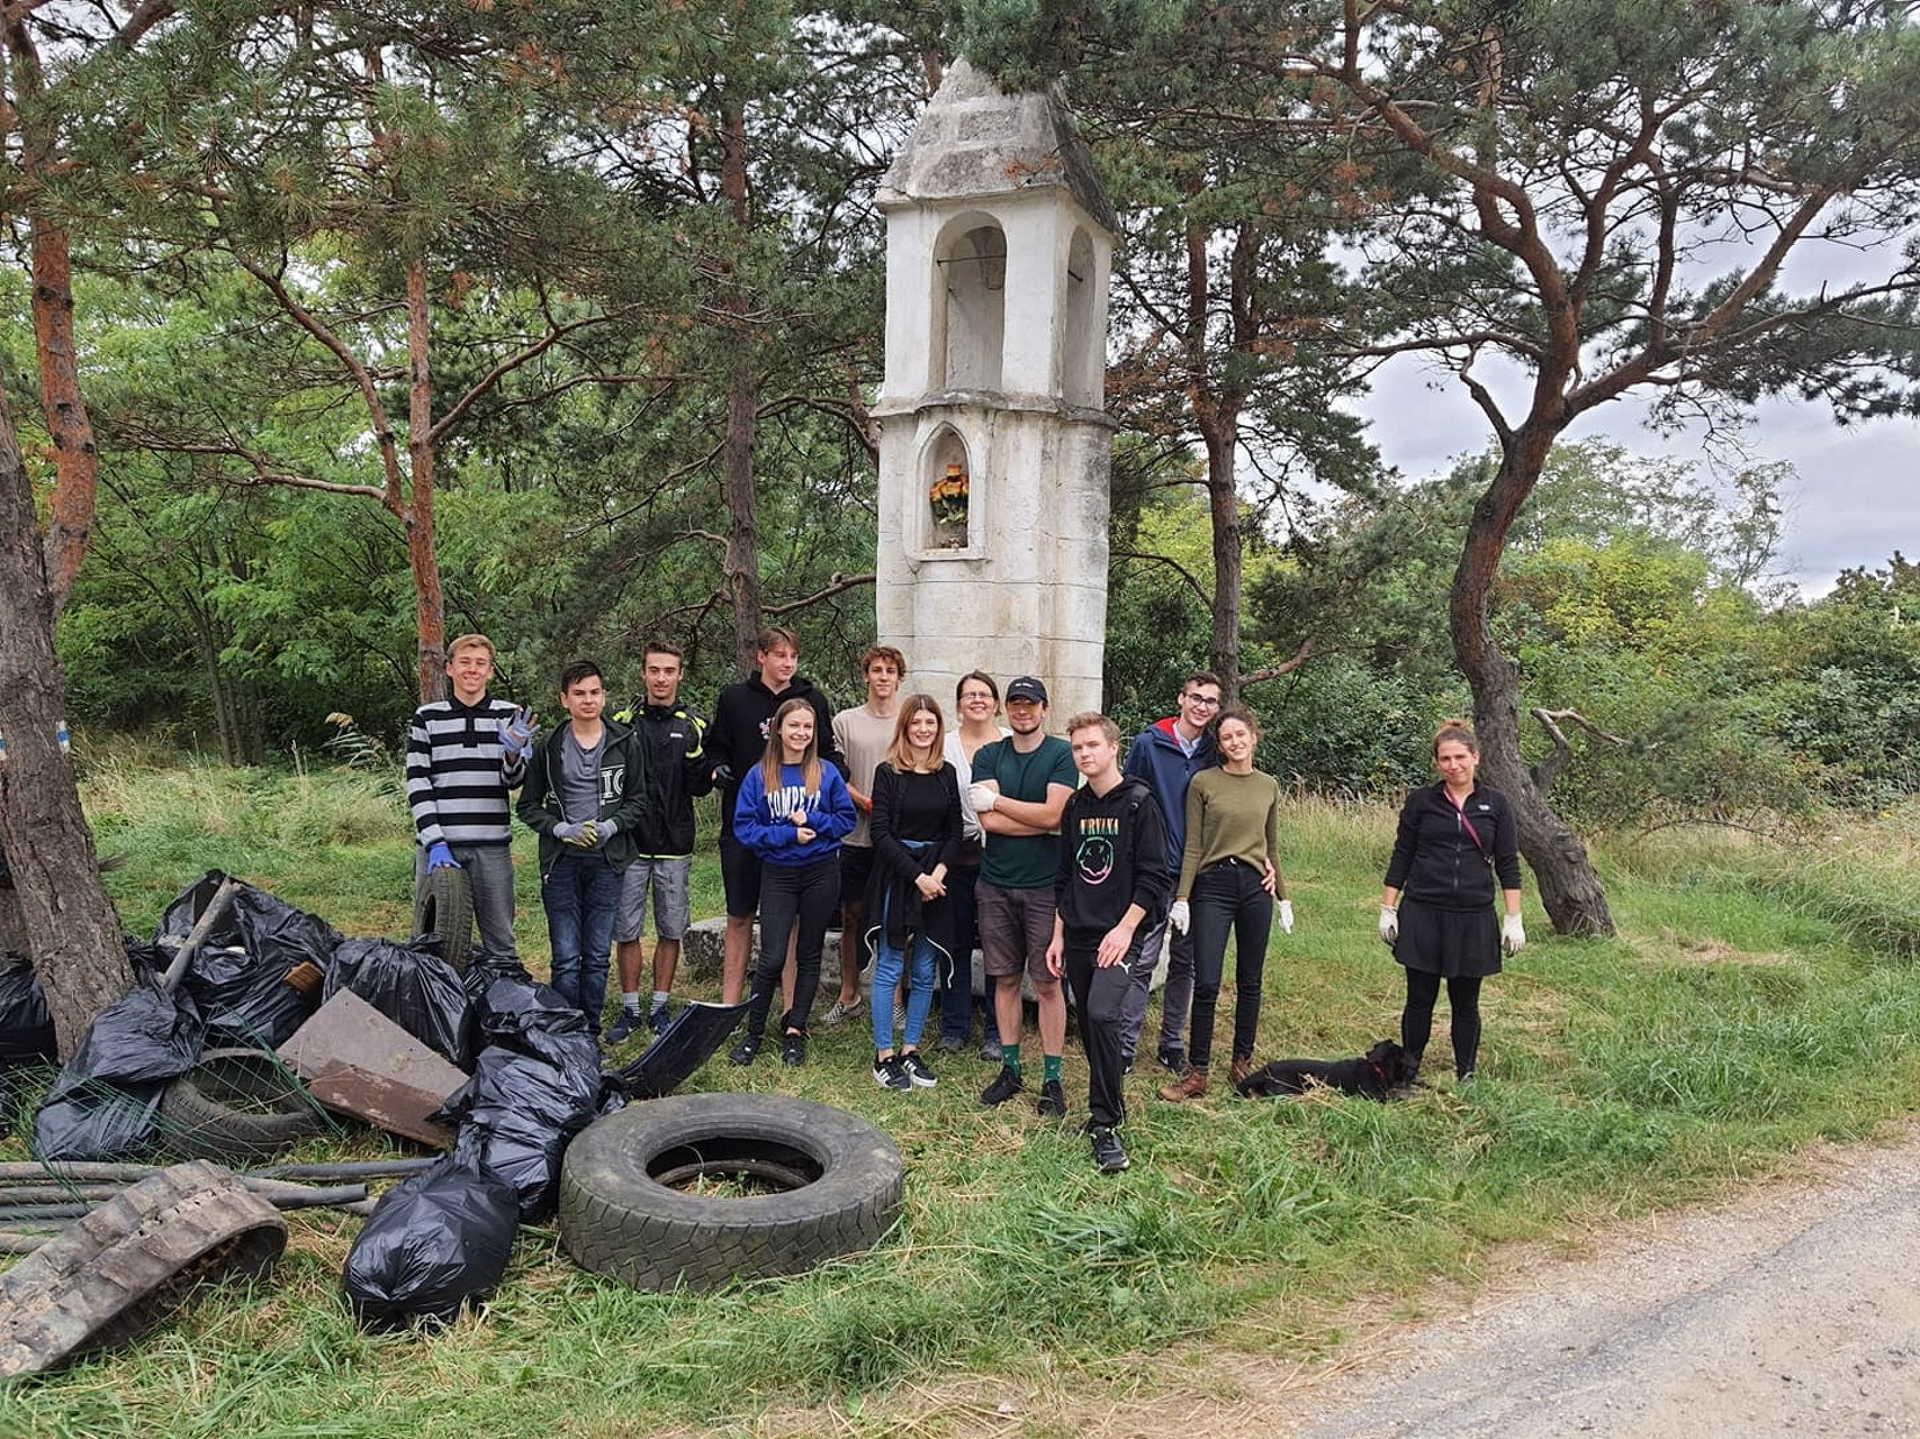 Fiatalok, akik a szabadidejükben Sopront teszik jobb és  tisztább hellyé.